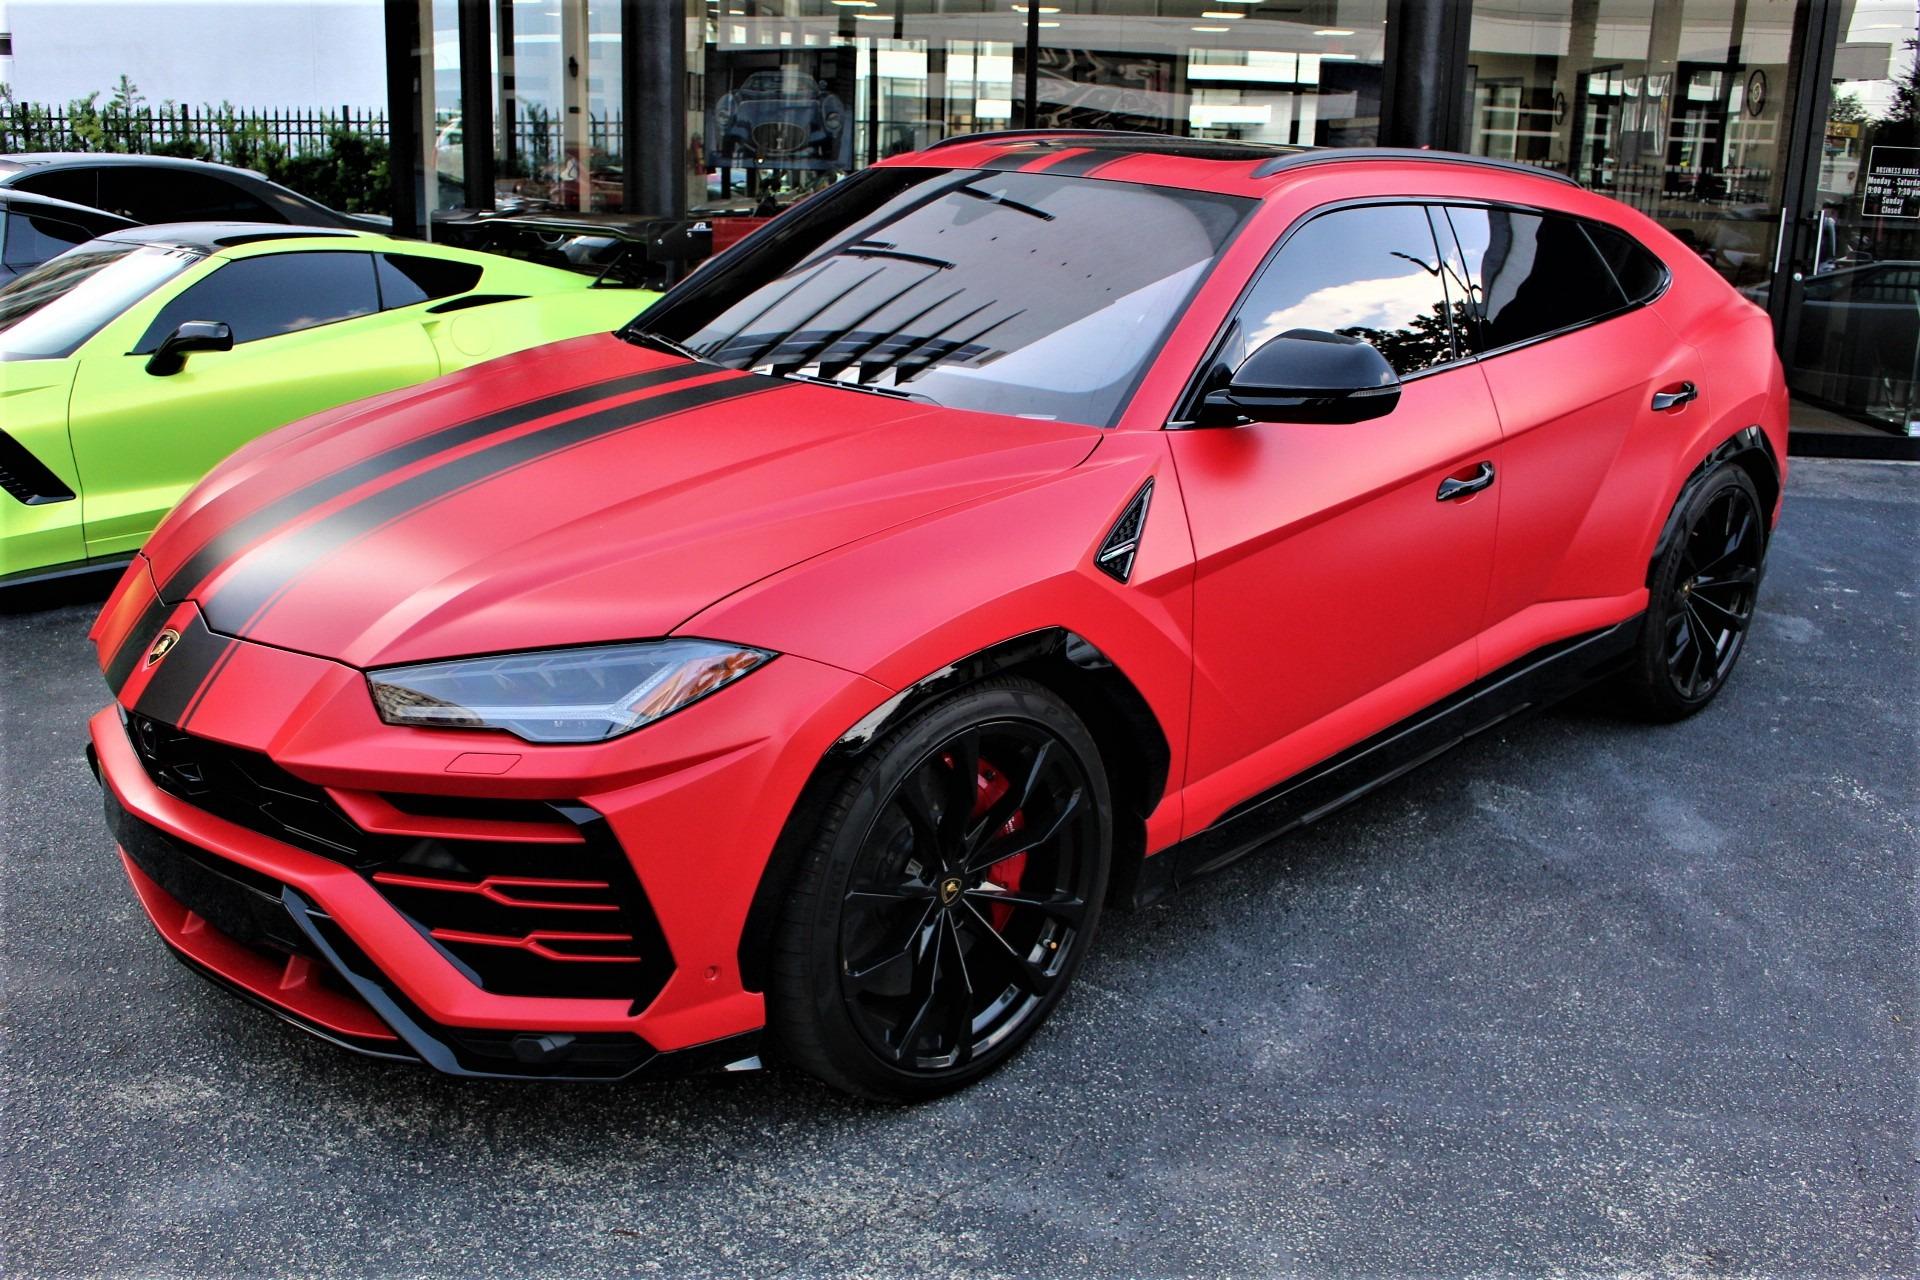 Used 2019 Lamborghini Urus for sale $242,850 at The Gables Sports Cars in Miami FL 33146 1